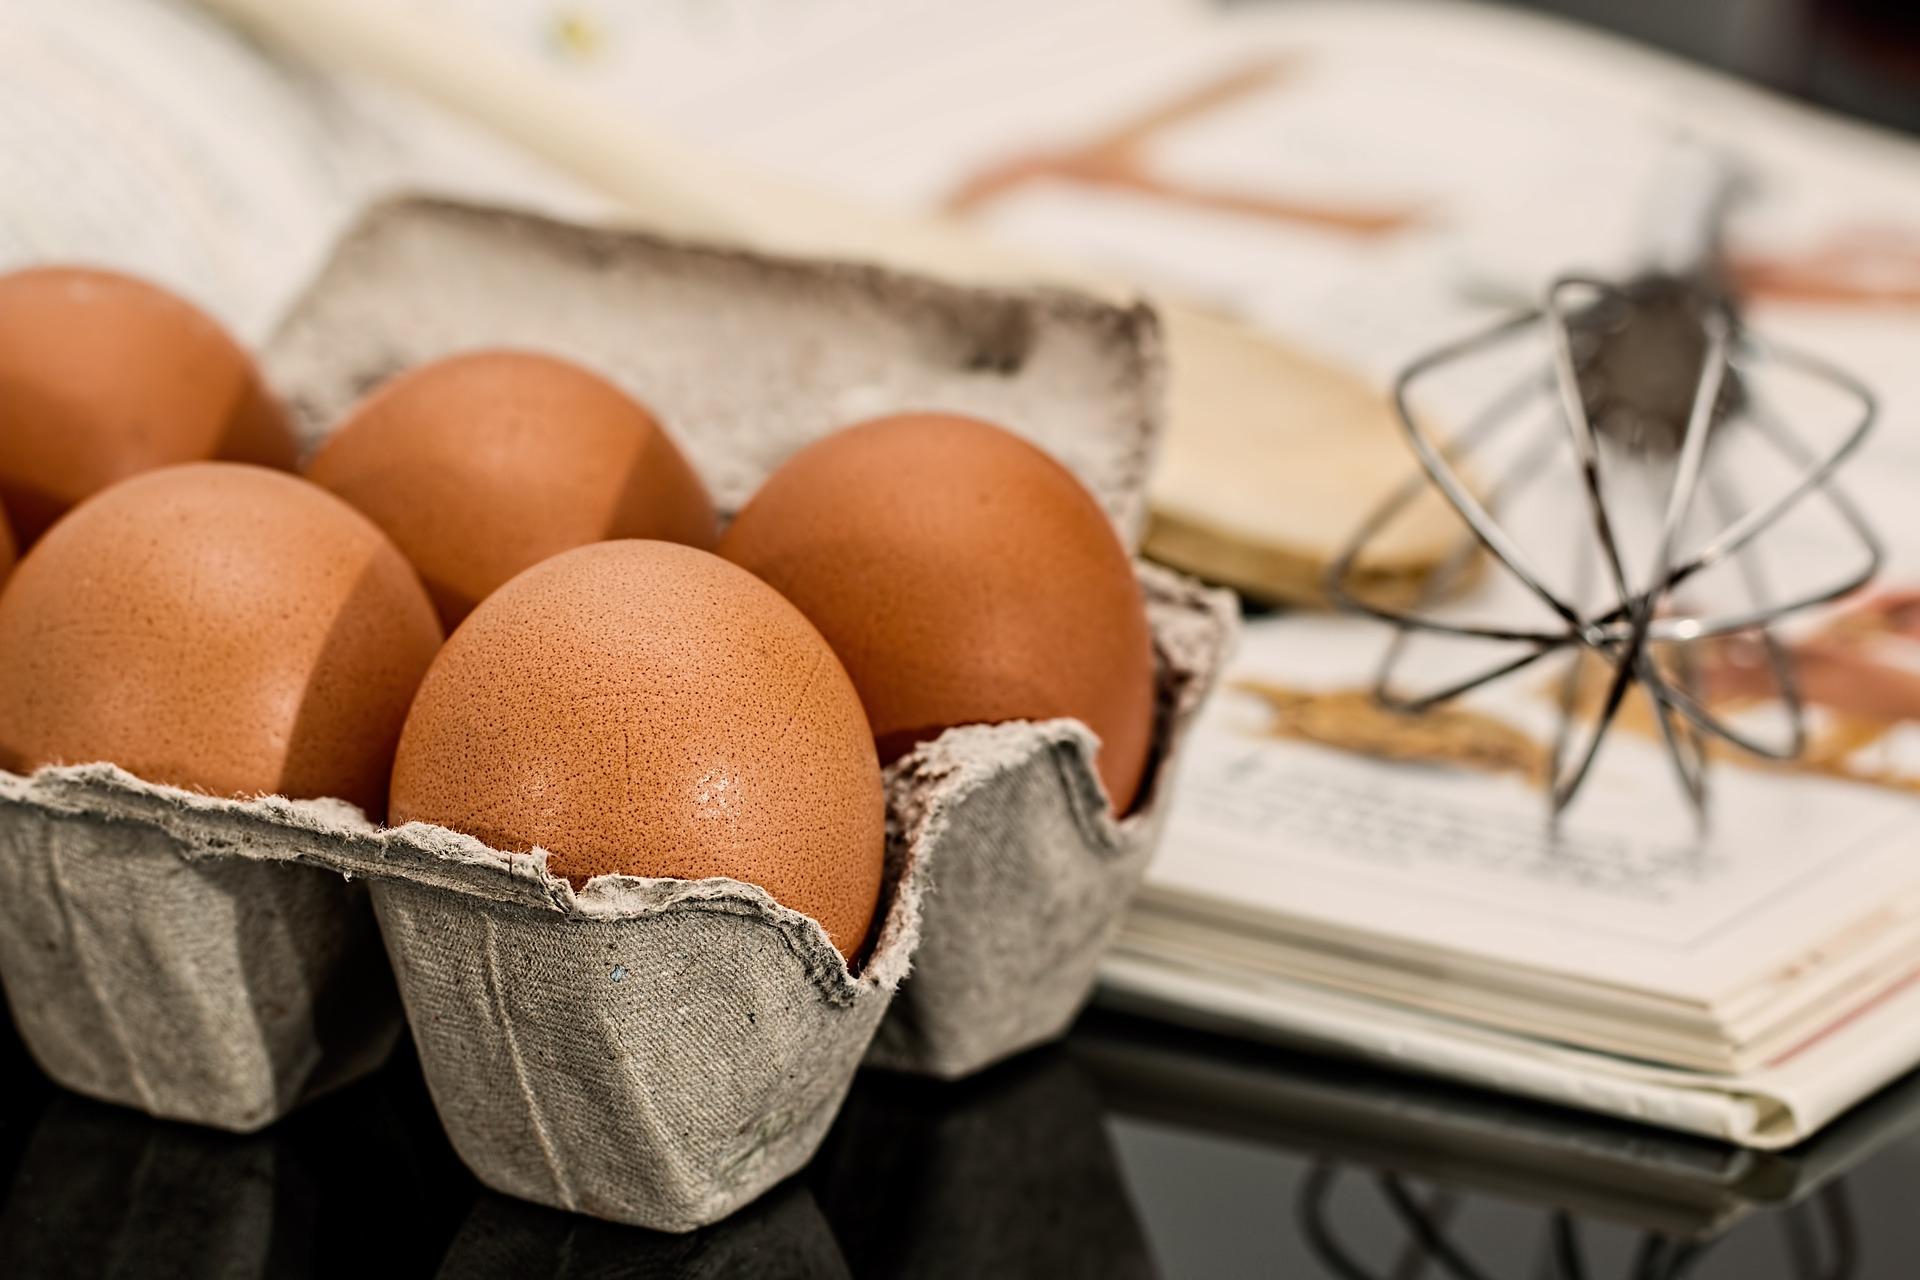 Pourquoi choisir des œufs bio?